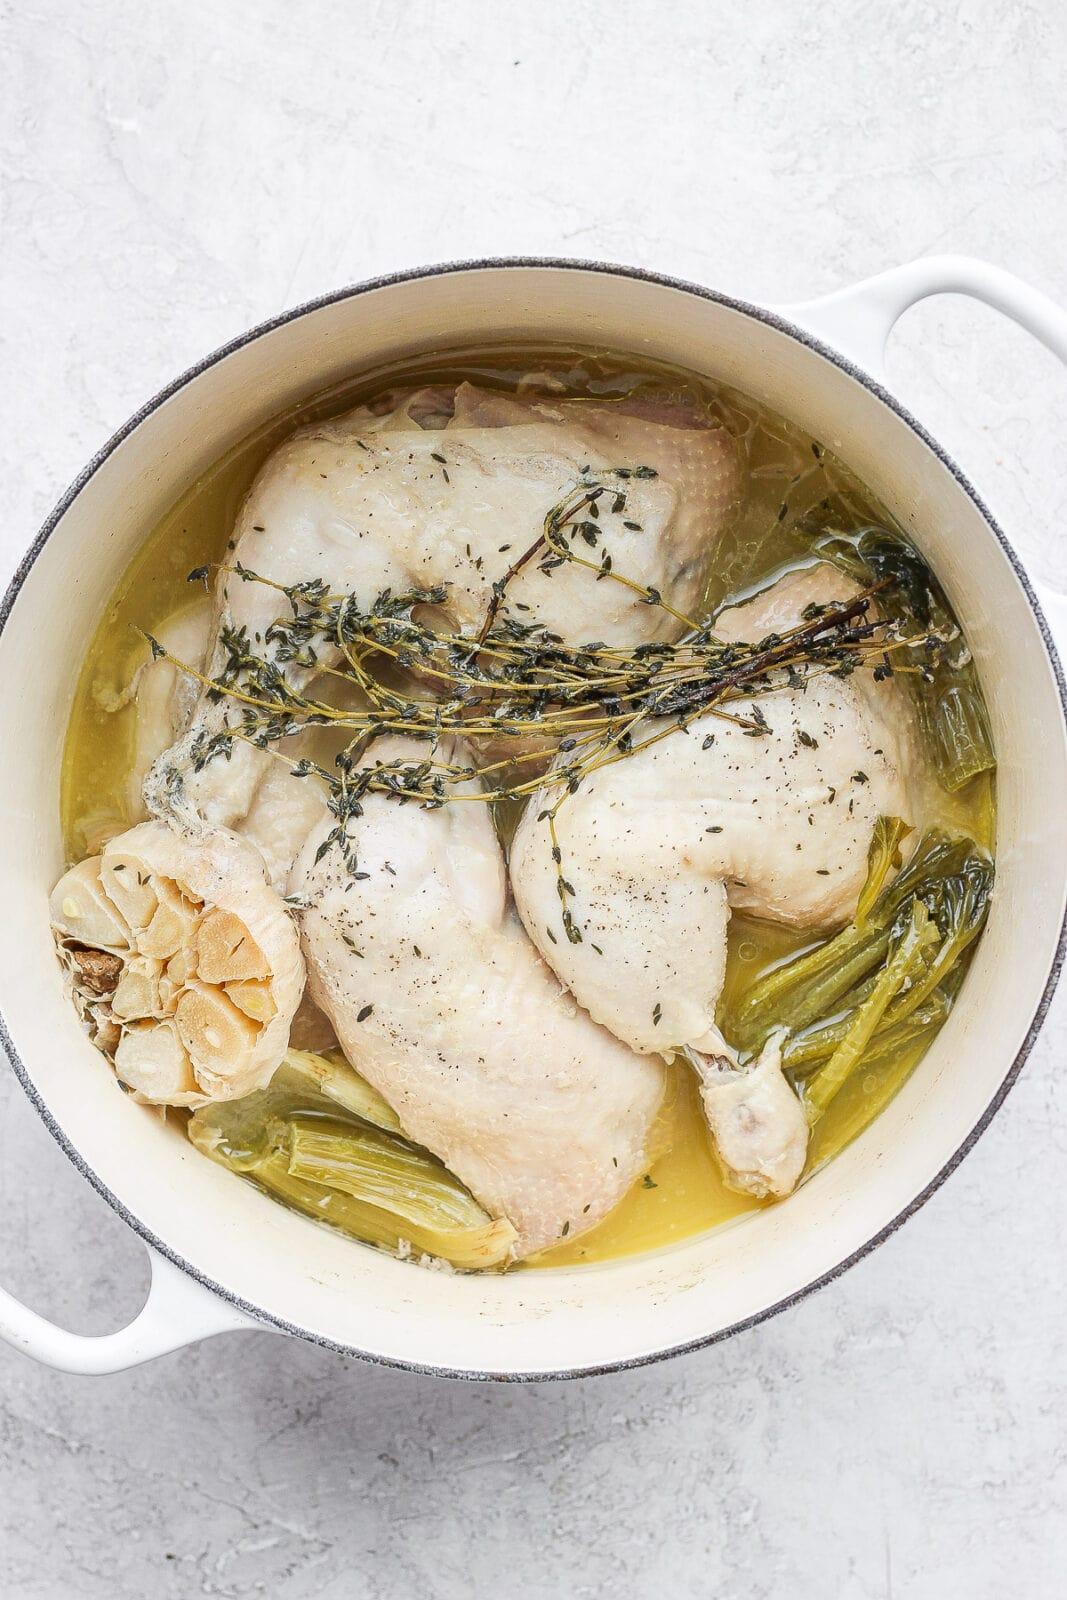 Dutch oven of stewed chicken.